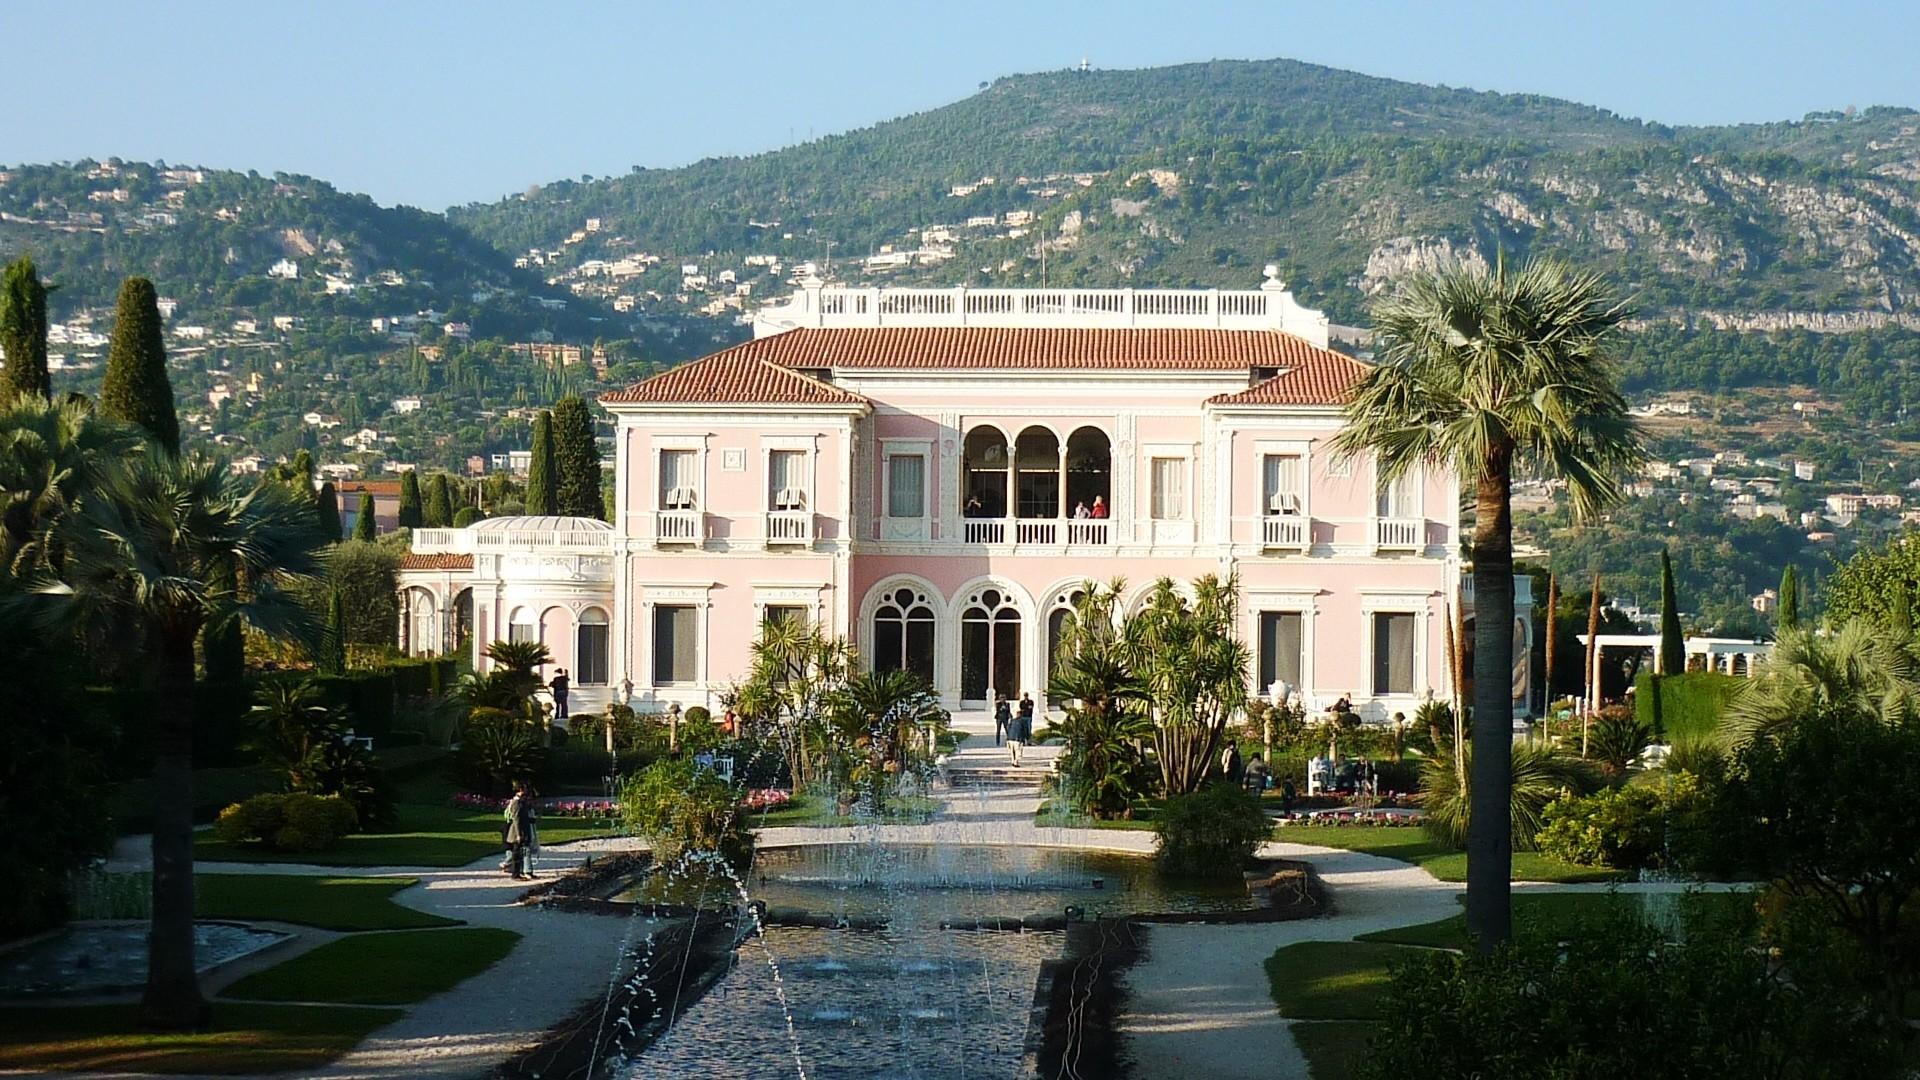 Villa - Luxus Villen und Landhäuser - Freshideen 1